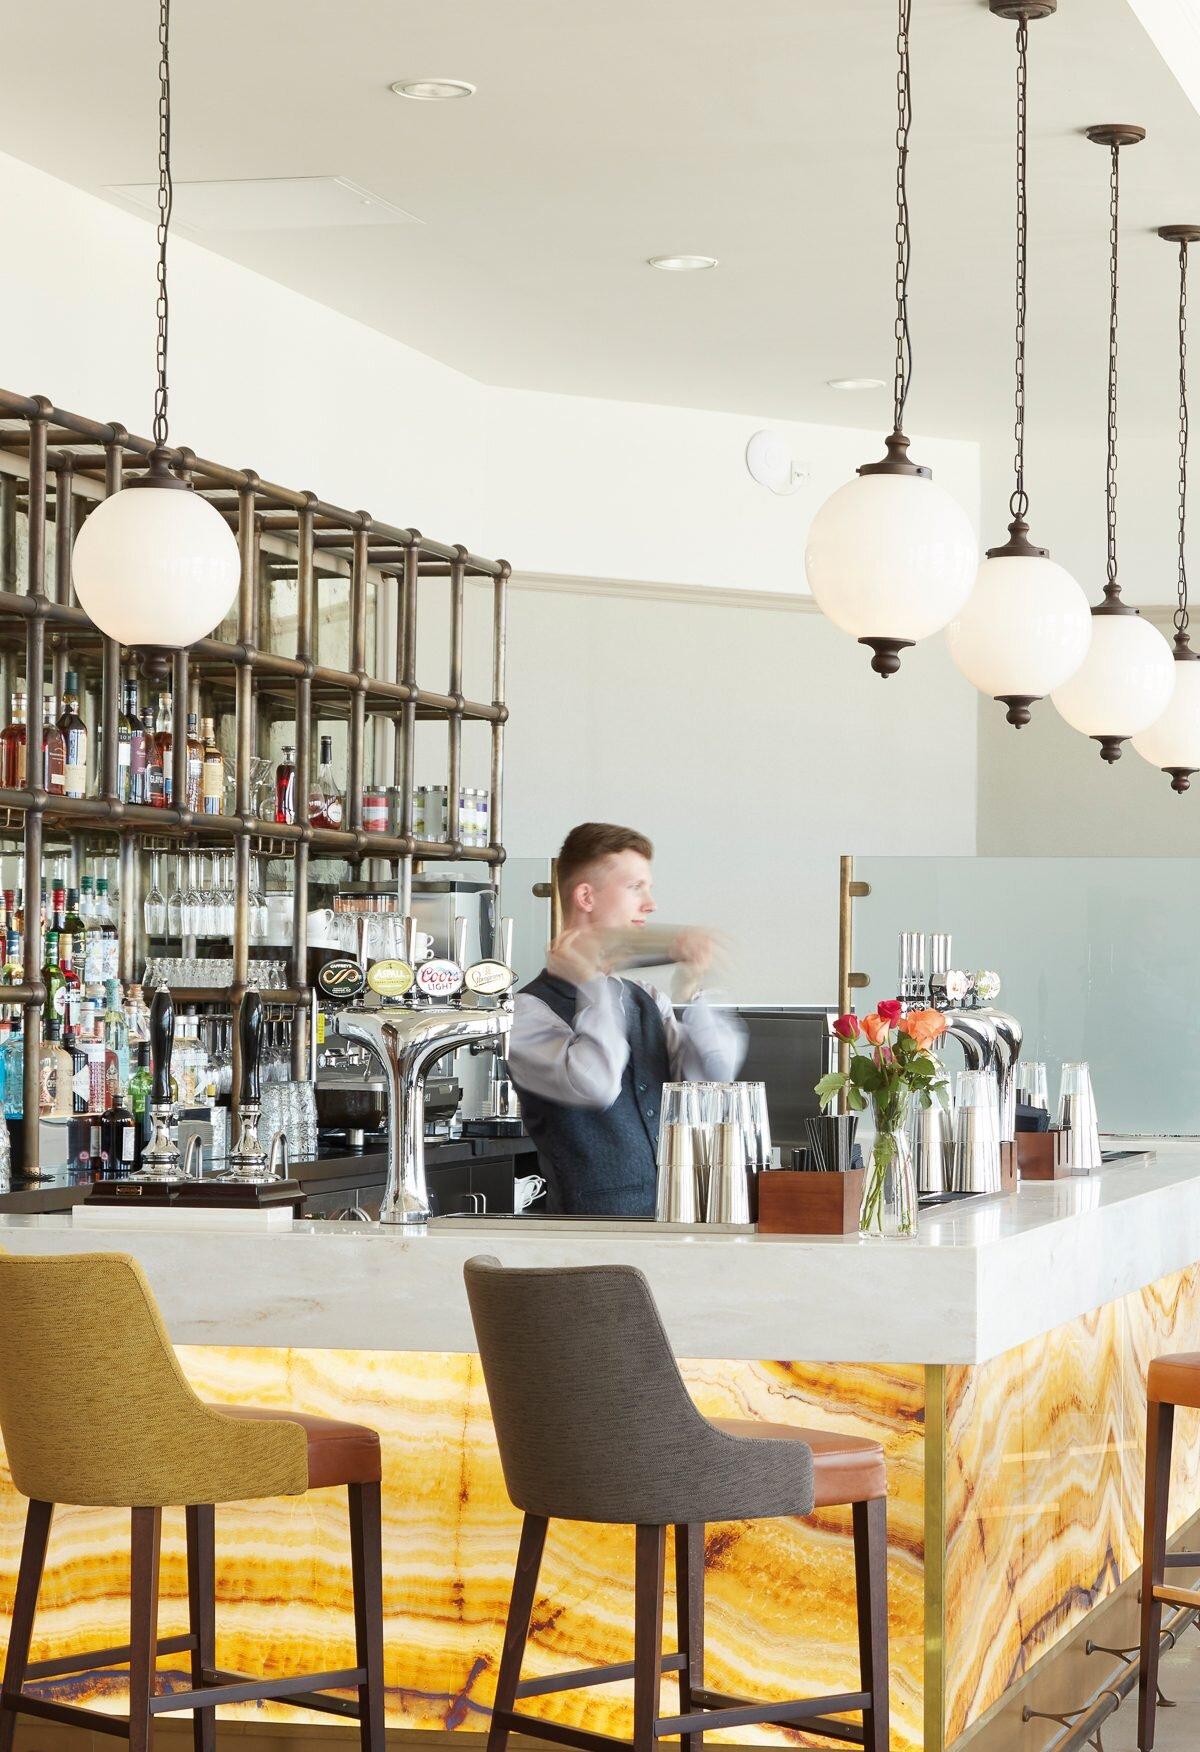 Spanish City bar